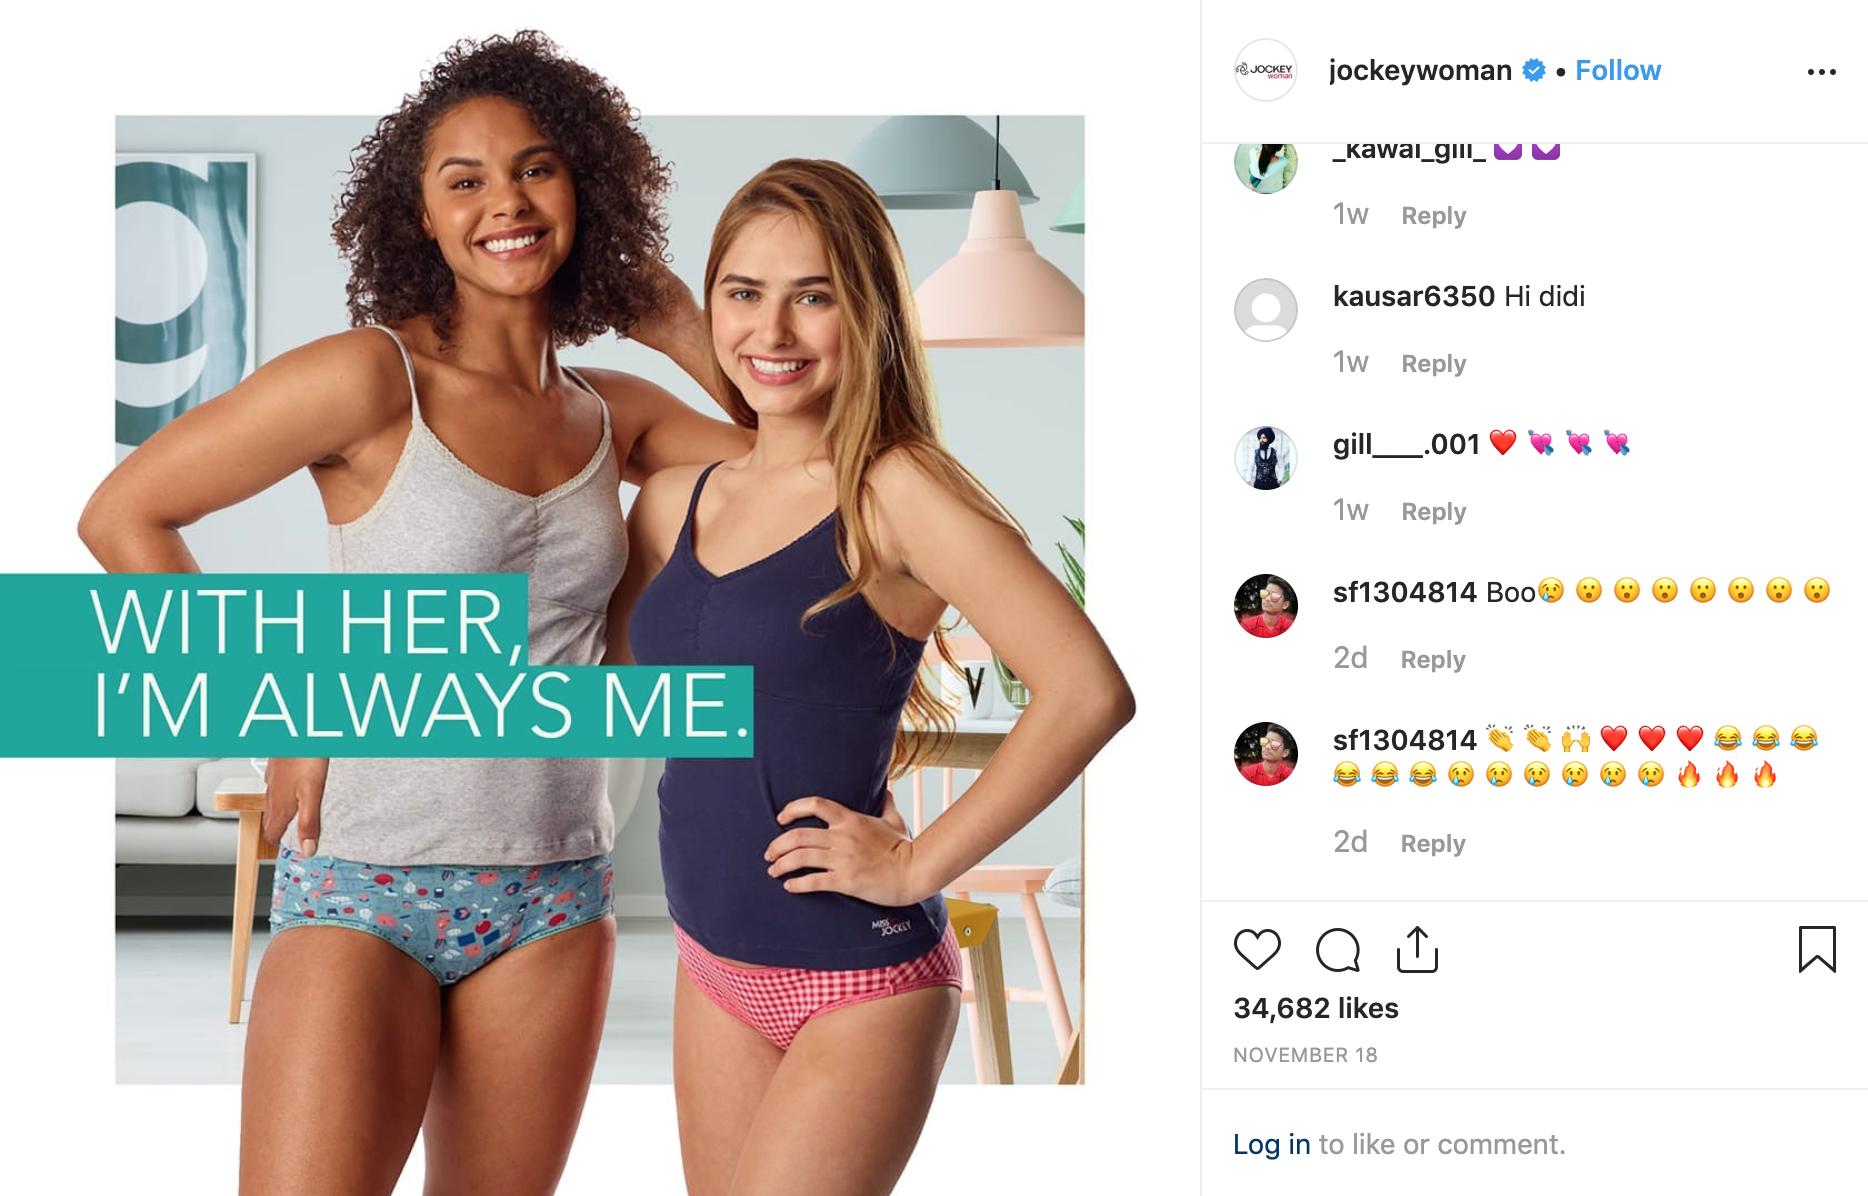 Miss Jockey 2019 Campaign